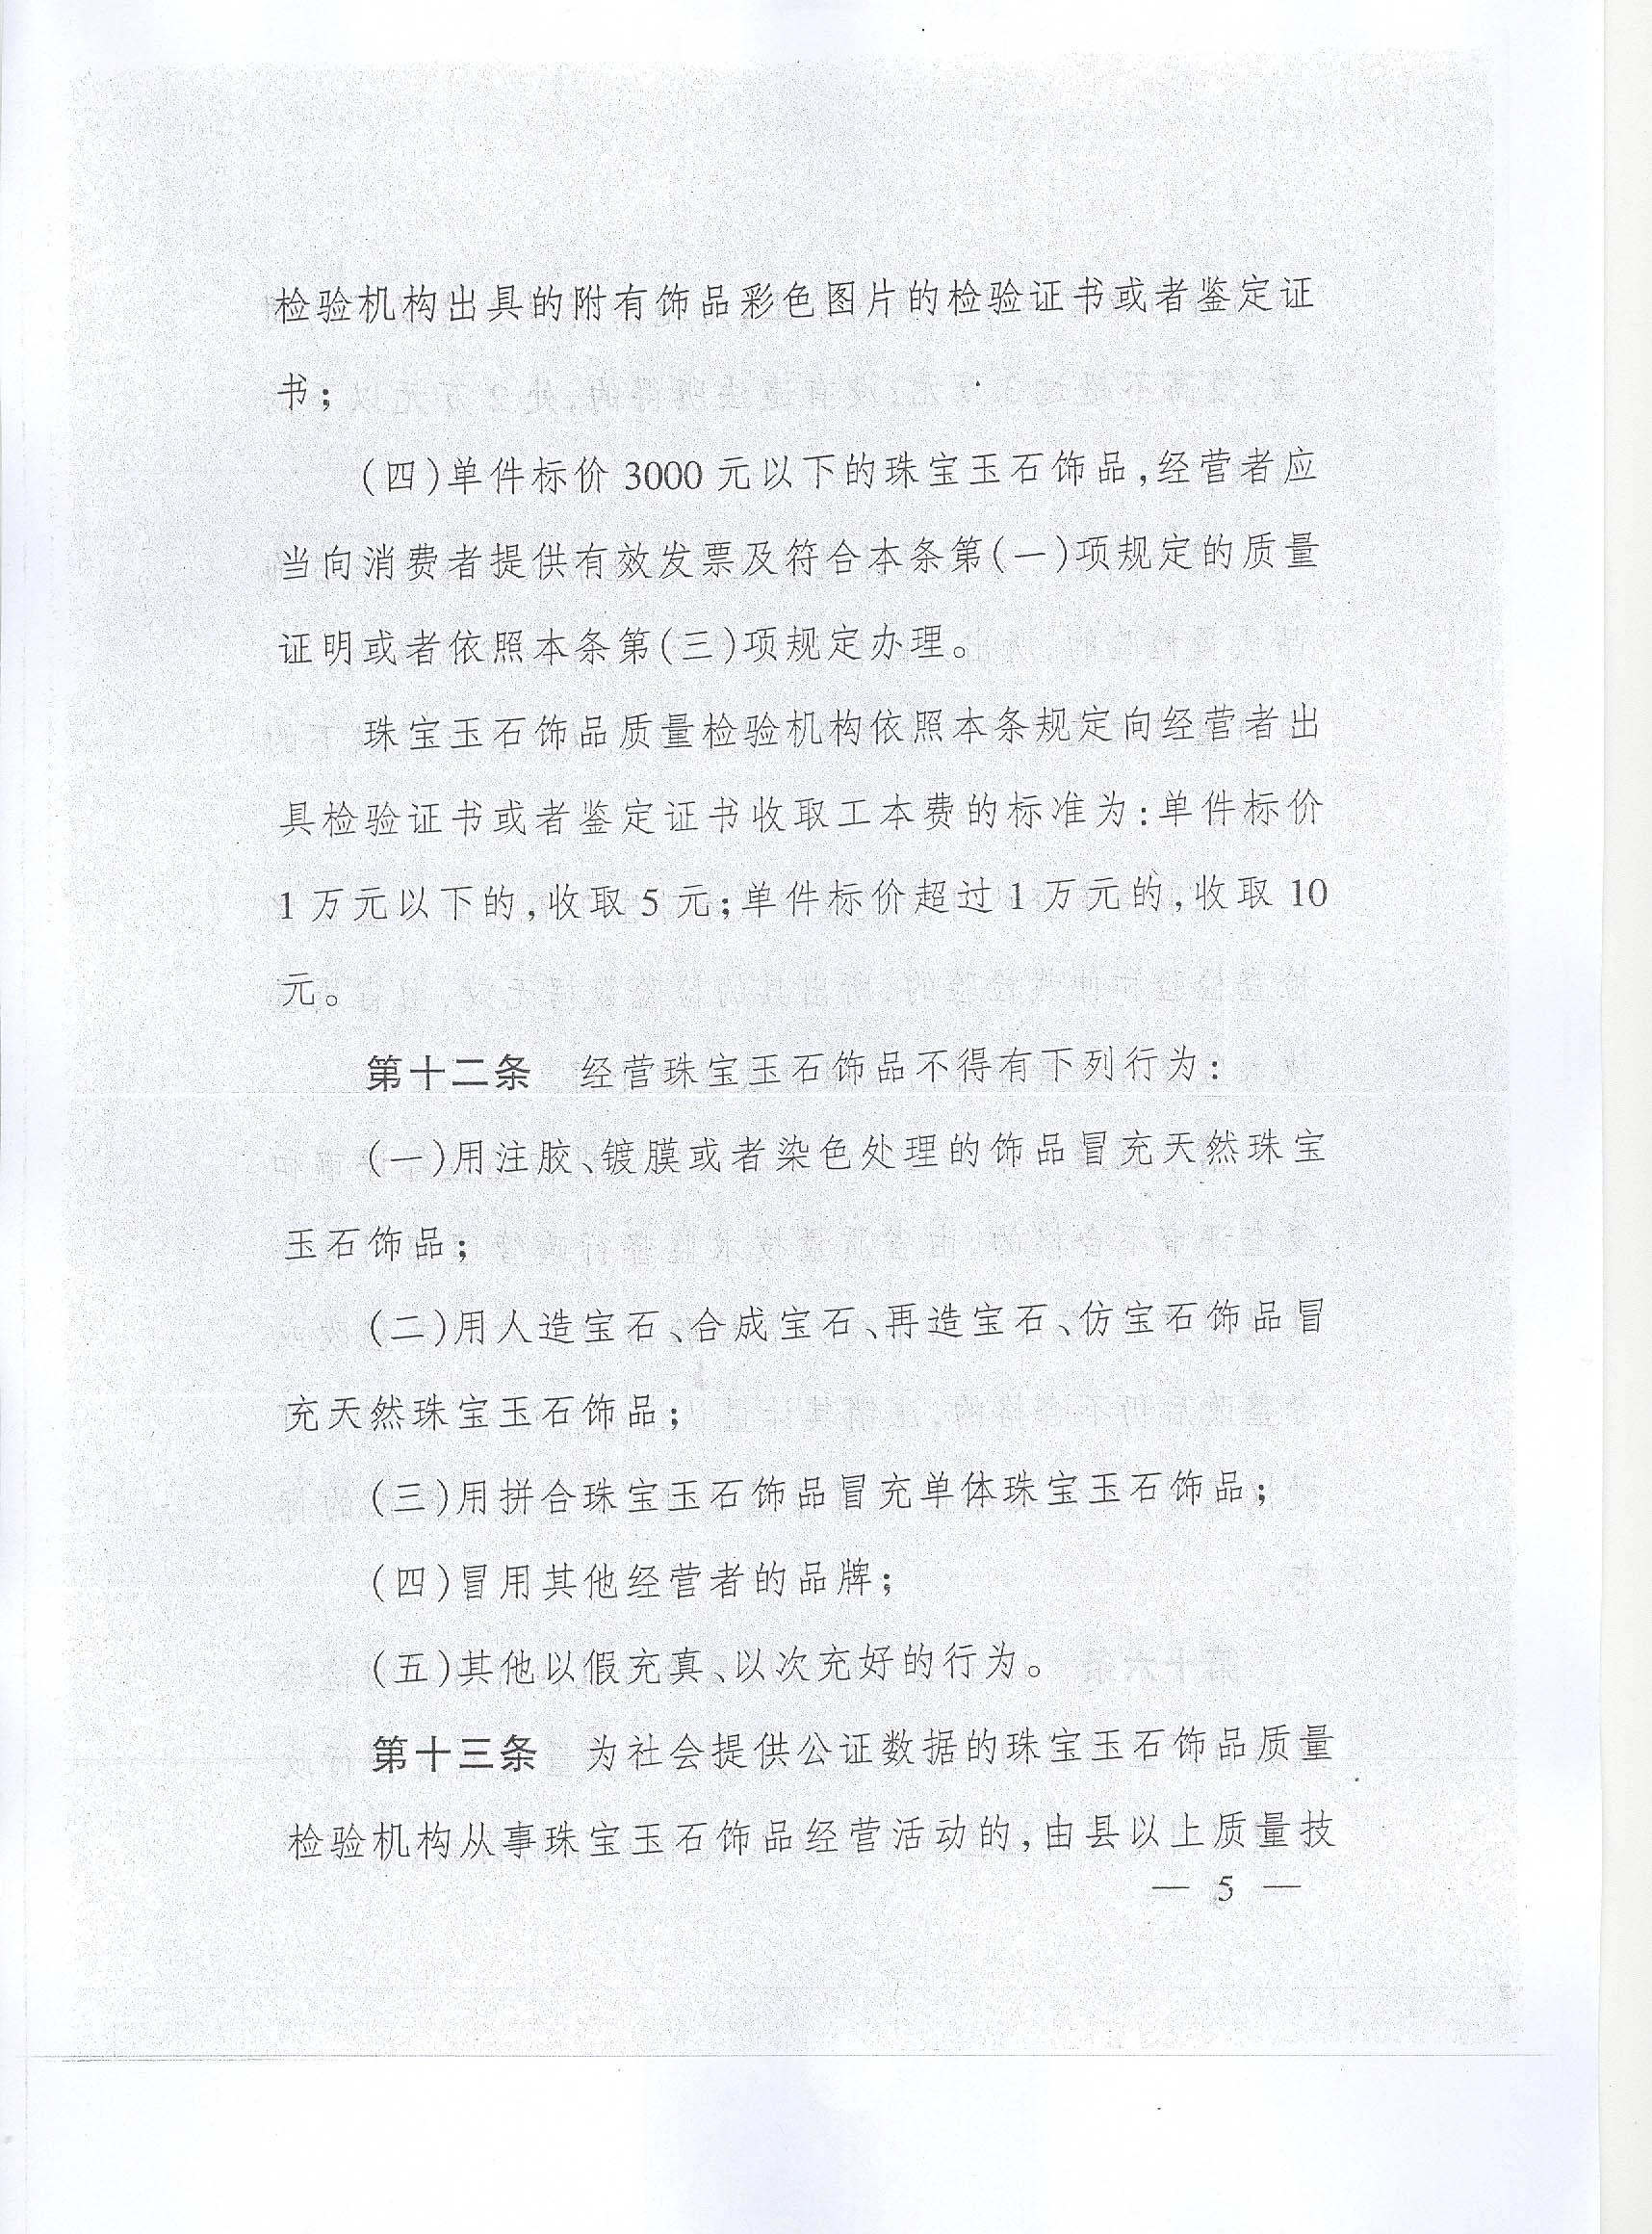 95-5.jpg